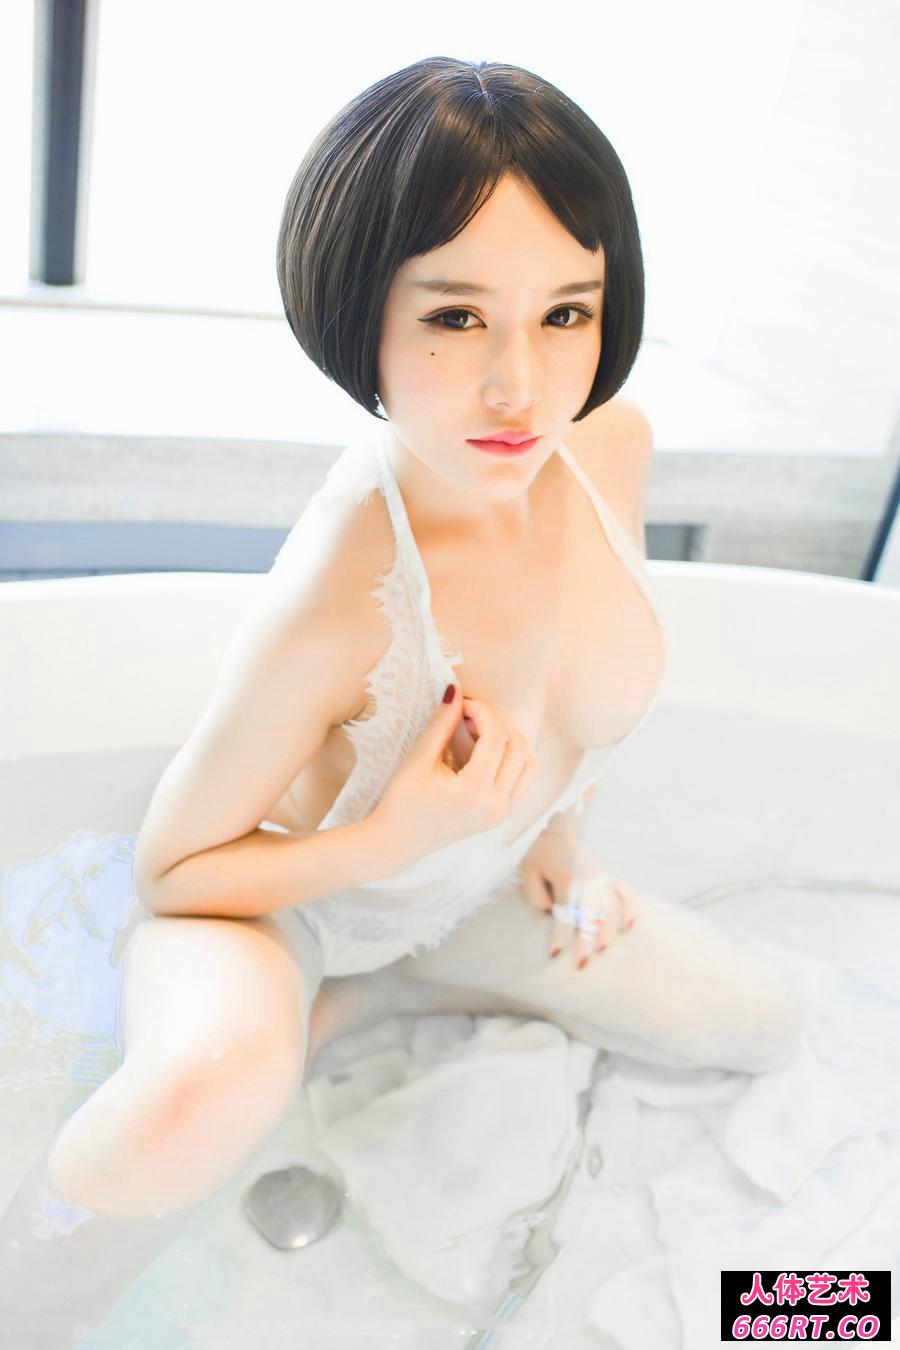 丰腴甜美的佑熙绝色销魂沐浴照